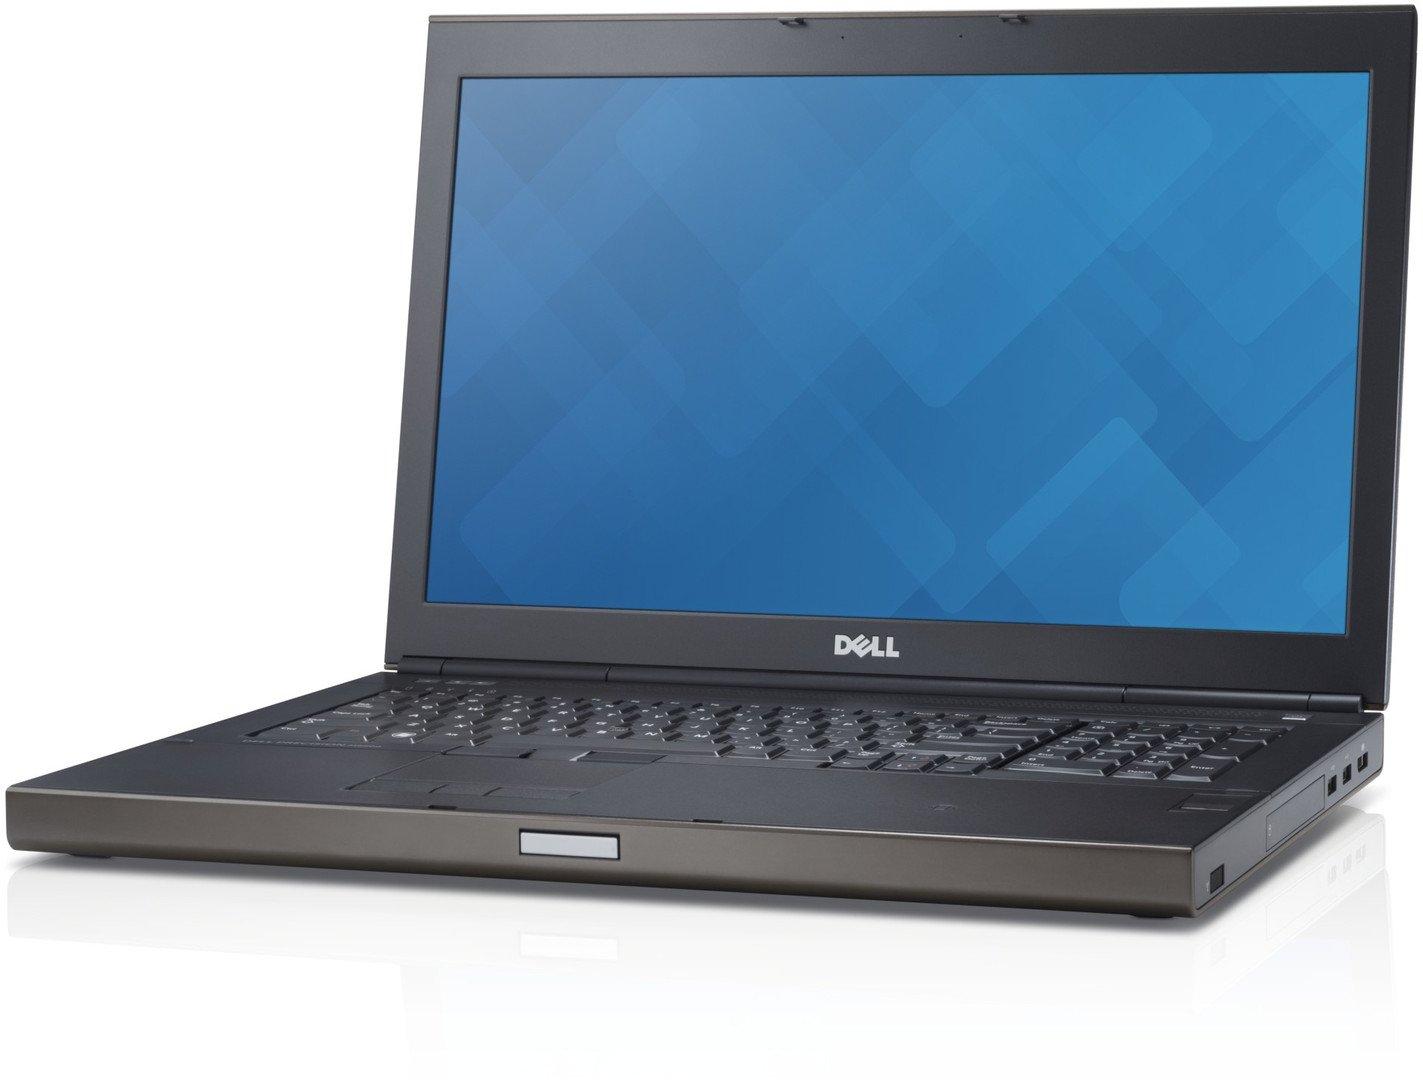 Dell Precision M6800 I7 Astringo